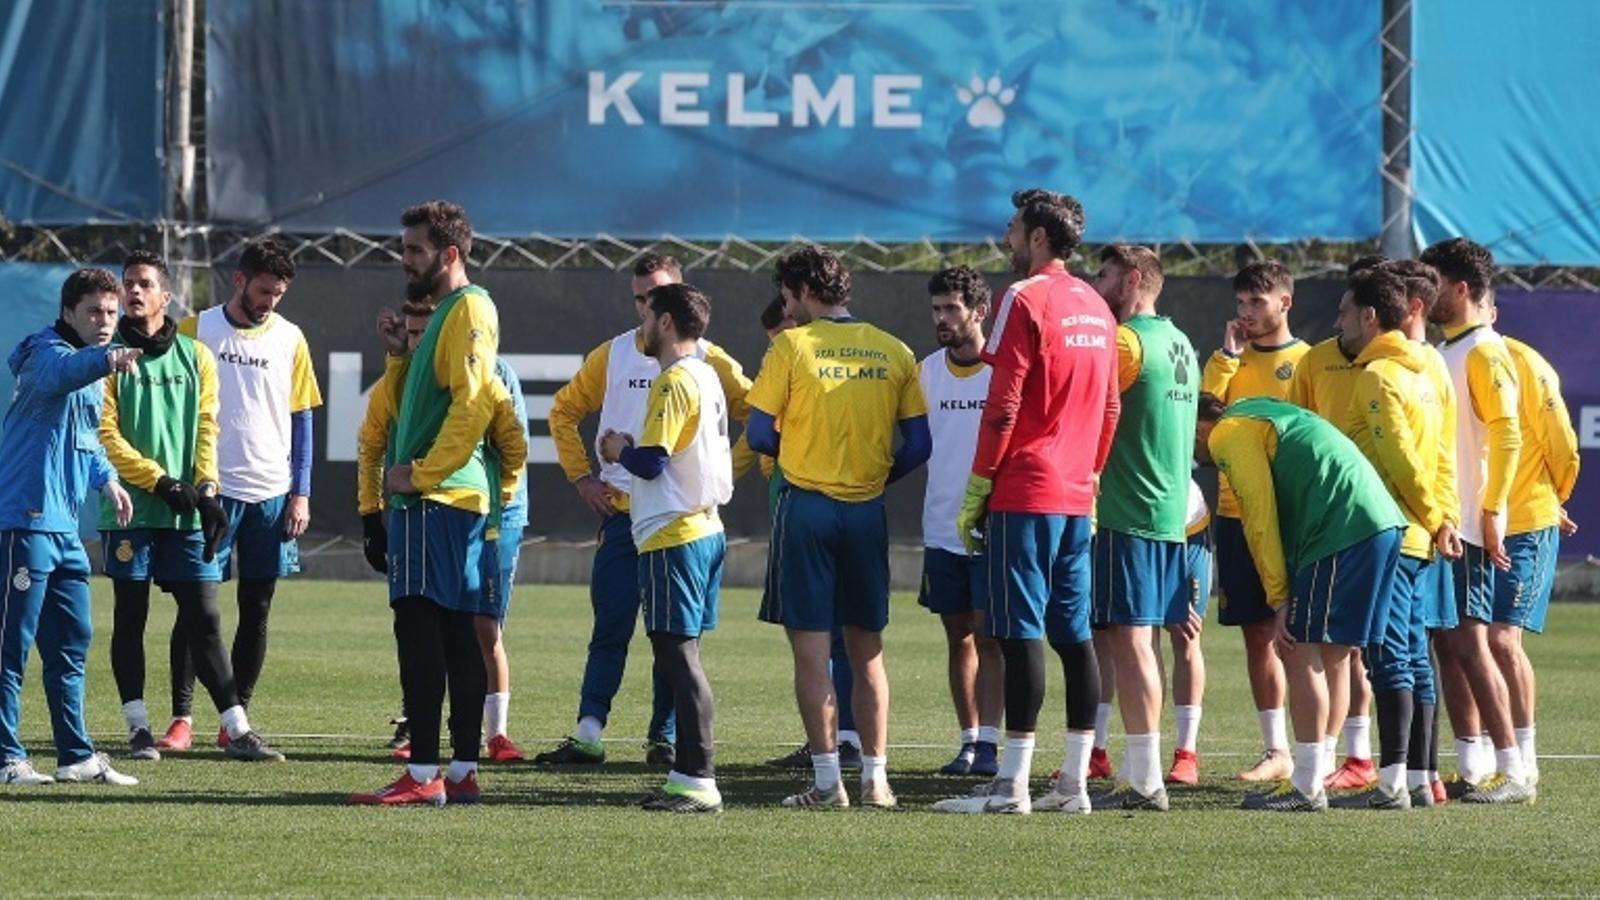 Rubi dona indicacions a la plantilla durant un entrenament a la Ciutat Esportiva Dani Jarque